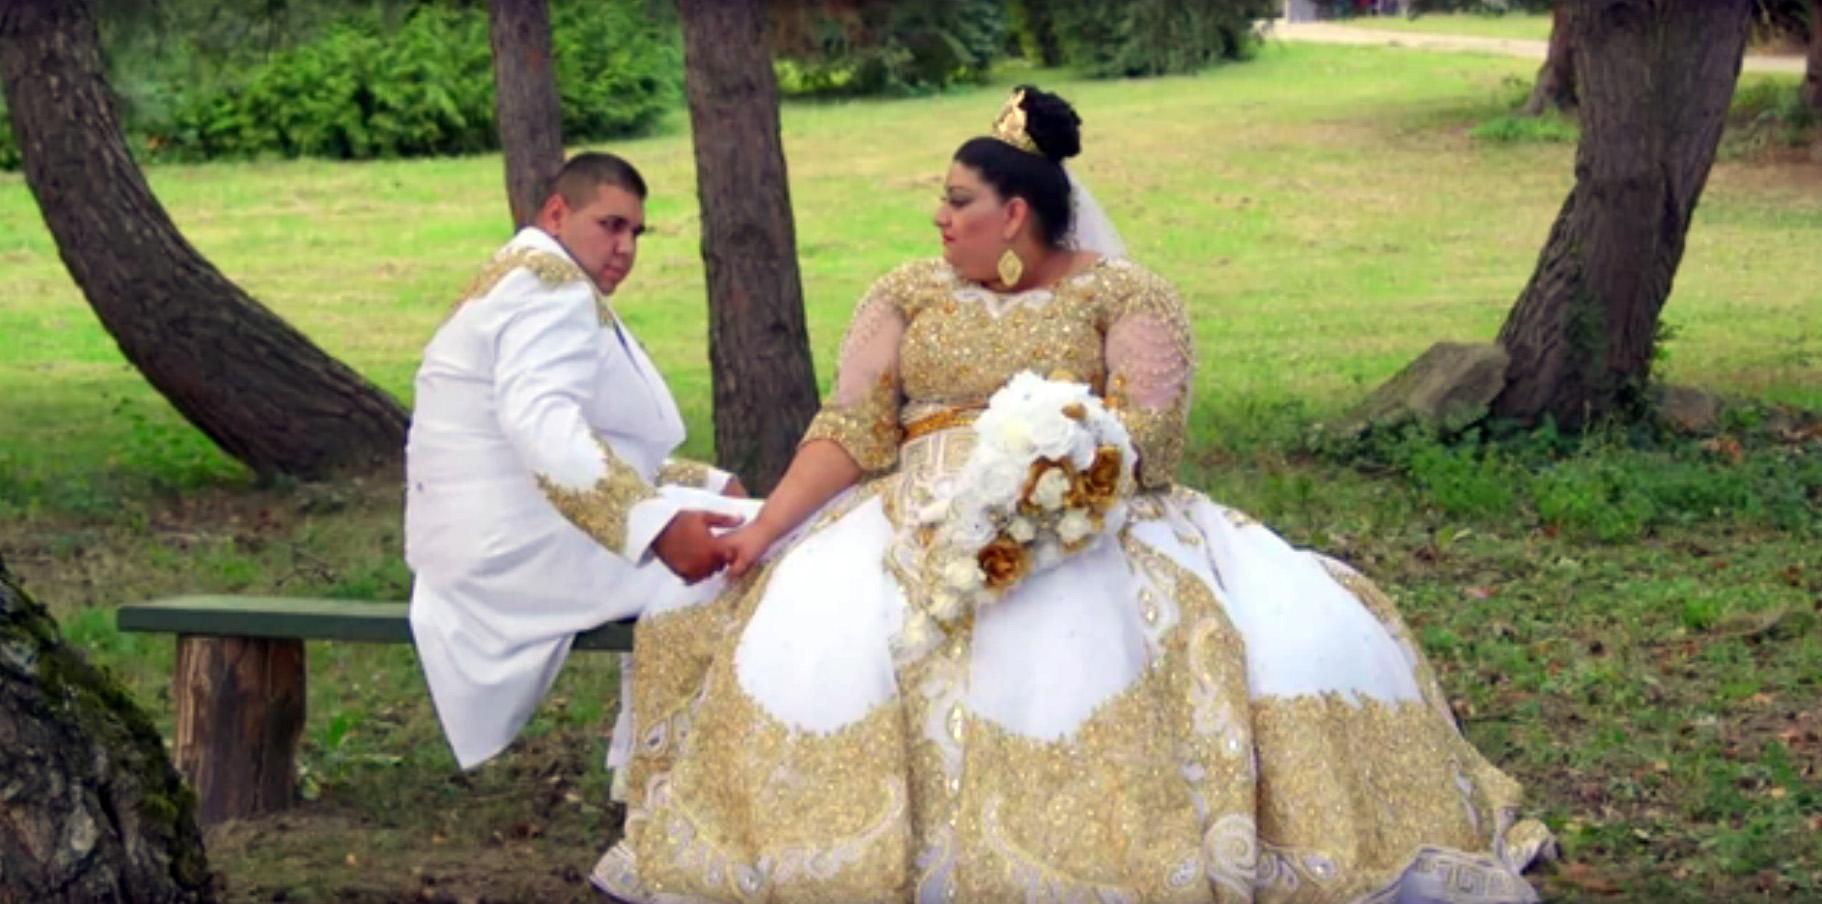 прогулка со свадьбы Евка и Лукас